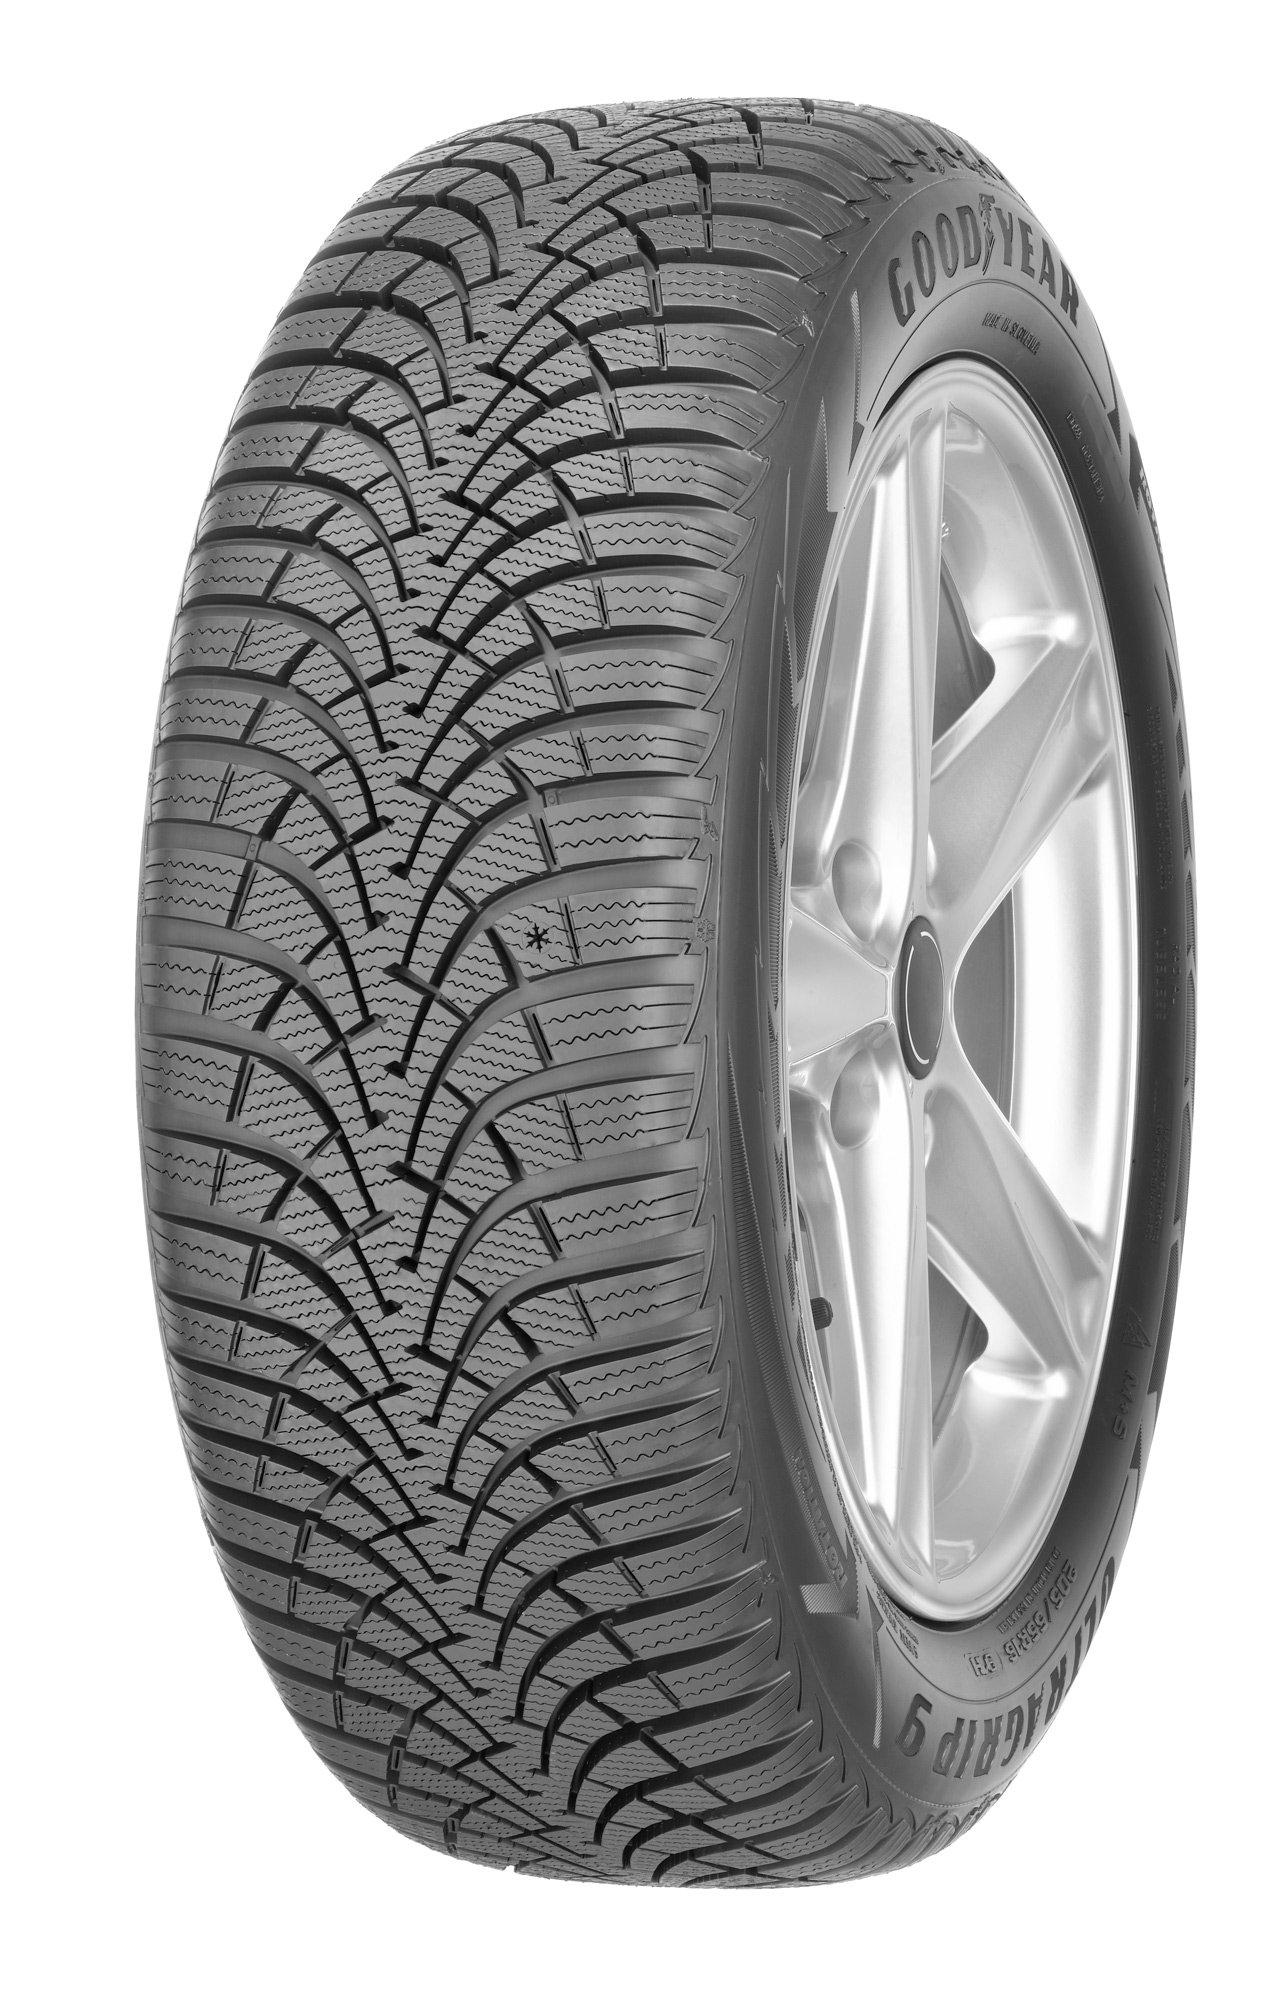 Neumático GOODYEAR Ultra Grip 9 165/70R14 89 R